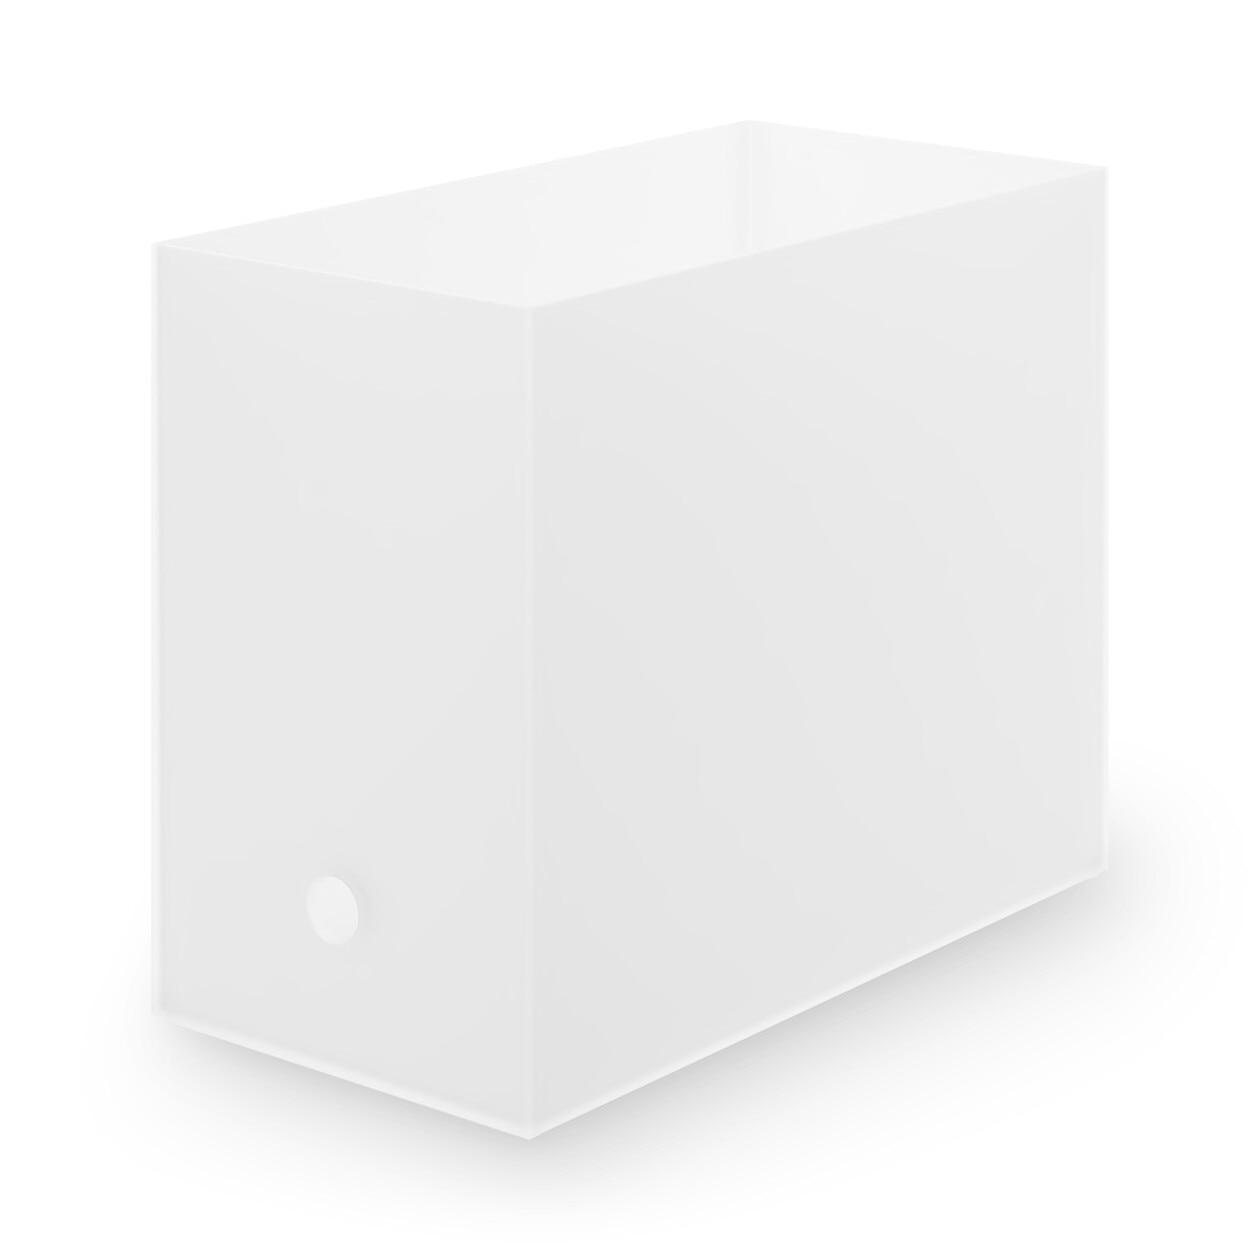 ポリプロピレンファイルボックス・スタンダードタイプ・ワイド・A4用の写真